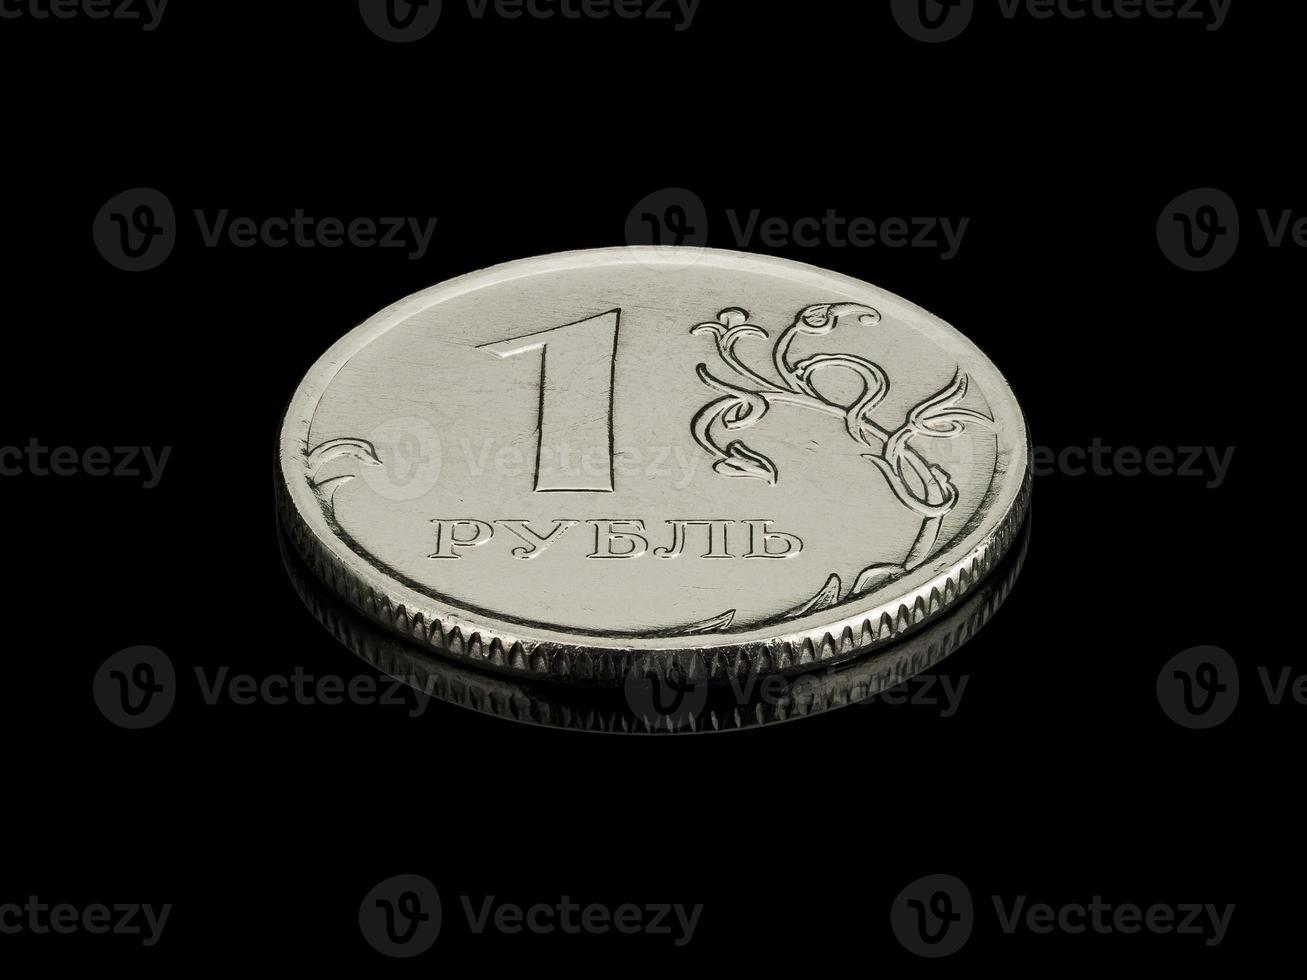 muntvoordeel in één roebel foto